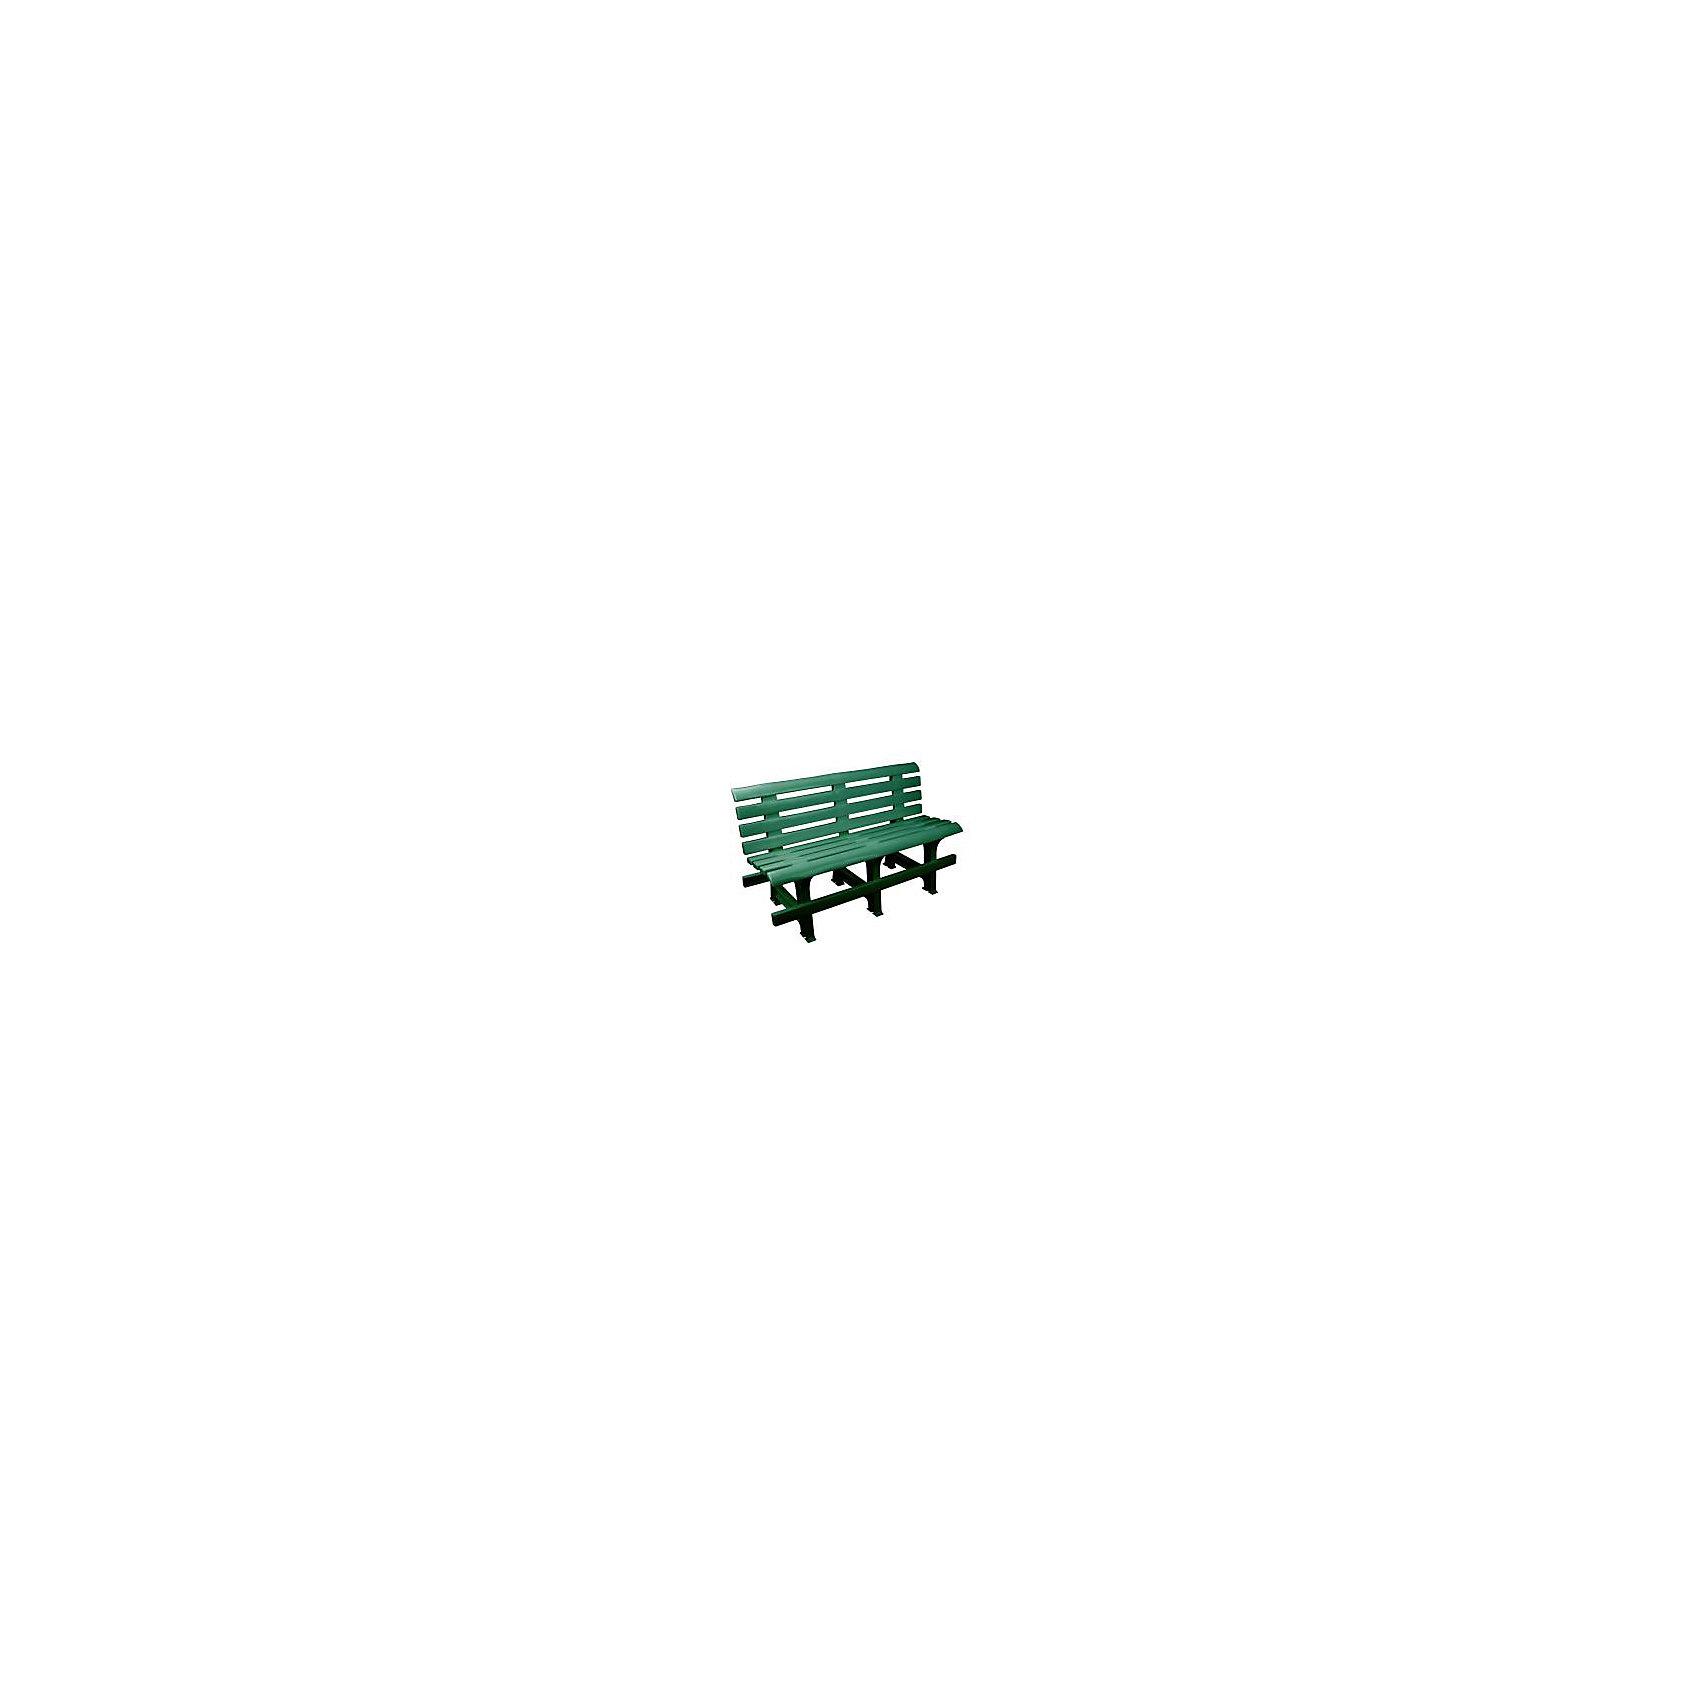 Скамейка со спинкой 120х40х70, Alternativa, темно-зеленыйМебель<br>Скамейка со спинкой 120х40х70, Alternativa (Альтернатива), темно-зеленый<br><br>Характеристики:<br><br>• вместительное сидение<br>• удобная спинка<br>• размер: 120х40х70 см<br>• материал: пластик<br>• цвет: темно-зеленый<br>• вес: 7,598 кг<br><br>Скамейка от российского производителя Альтернатива изготовлена высококачественного пластика с хорошей износостойкостью. Скамейка легко собирается и устойчиво располагается на любой поверхности. Вы сможете с комфортом отдохнуть на природе или в доме.<br><br>Скамейку со спинкой 120х40х70, Alternativa (Альтернатива), темно-зеленый вы можете купить в нашем интернет-магазине.<br><br>Ширина мм: 1200<br>Глубина мм: 400<br>Высота мм: 700<br>Вес г: 7598<br>Возраст от месяцев: 216<br>Возраст до месяцев: 1188<br>Пол: Унисекс<br>Возраст: Детский<br>SKU: 5475660